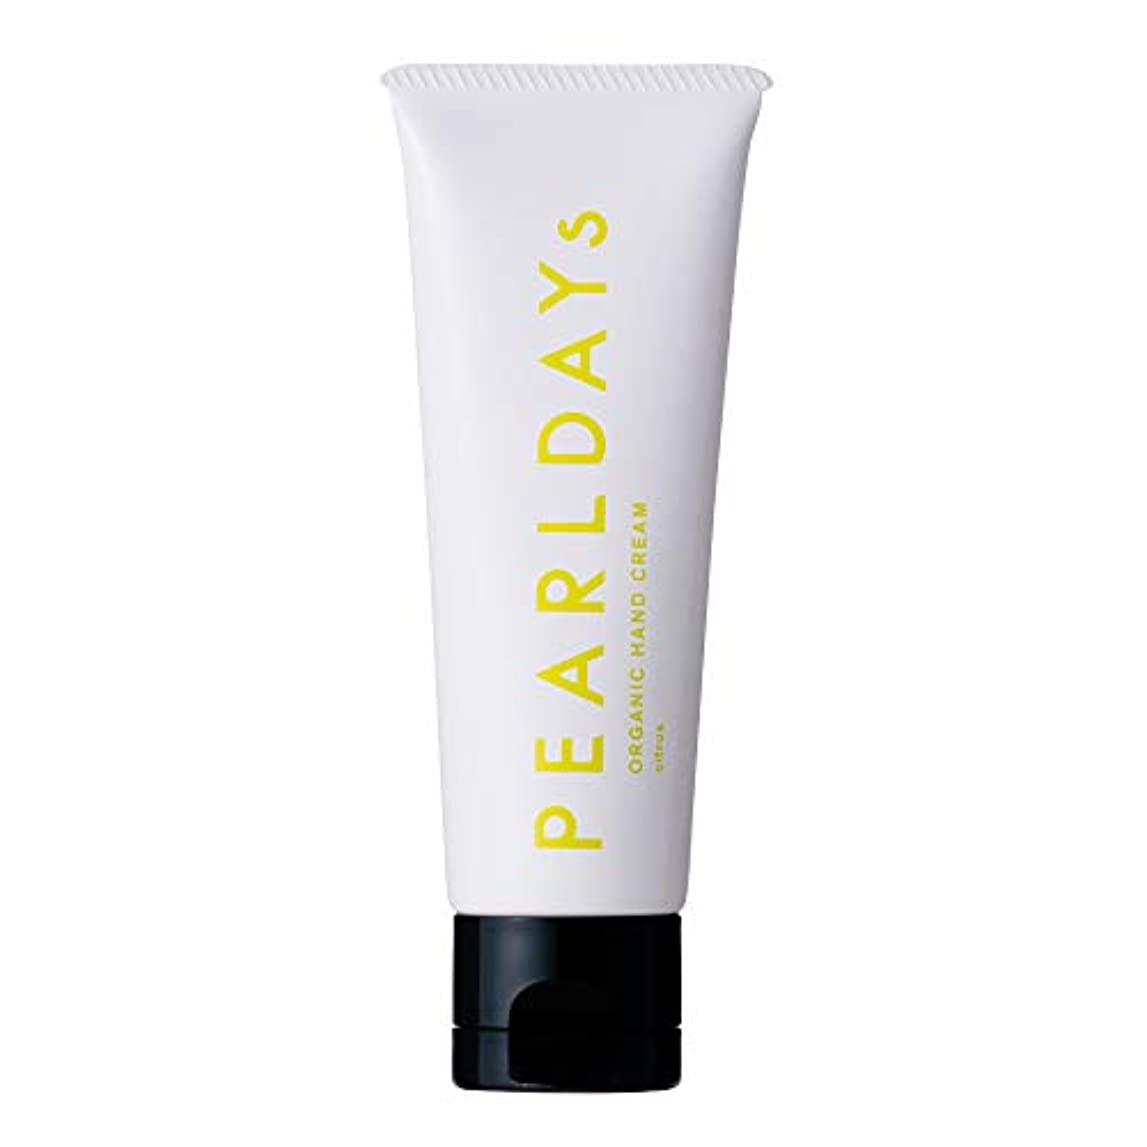 PEARLDAYs(パールデイズ) オーガニック ハンドクリームシトラス 50g しっとり ベタつかない 保湿 ボディケア